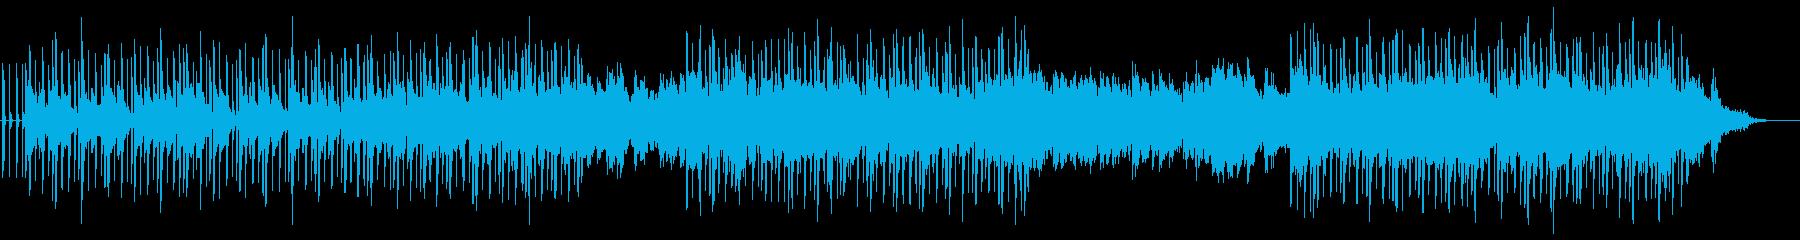 作業用BGM のんびりチルホップの再生済みの波形